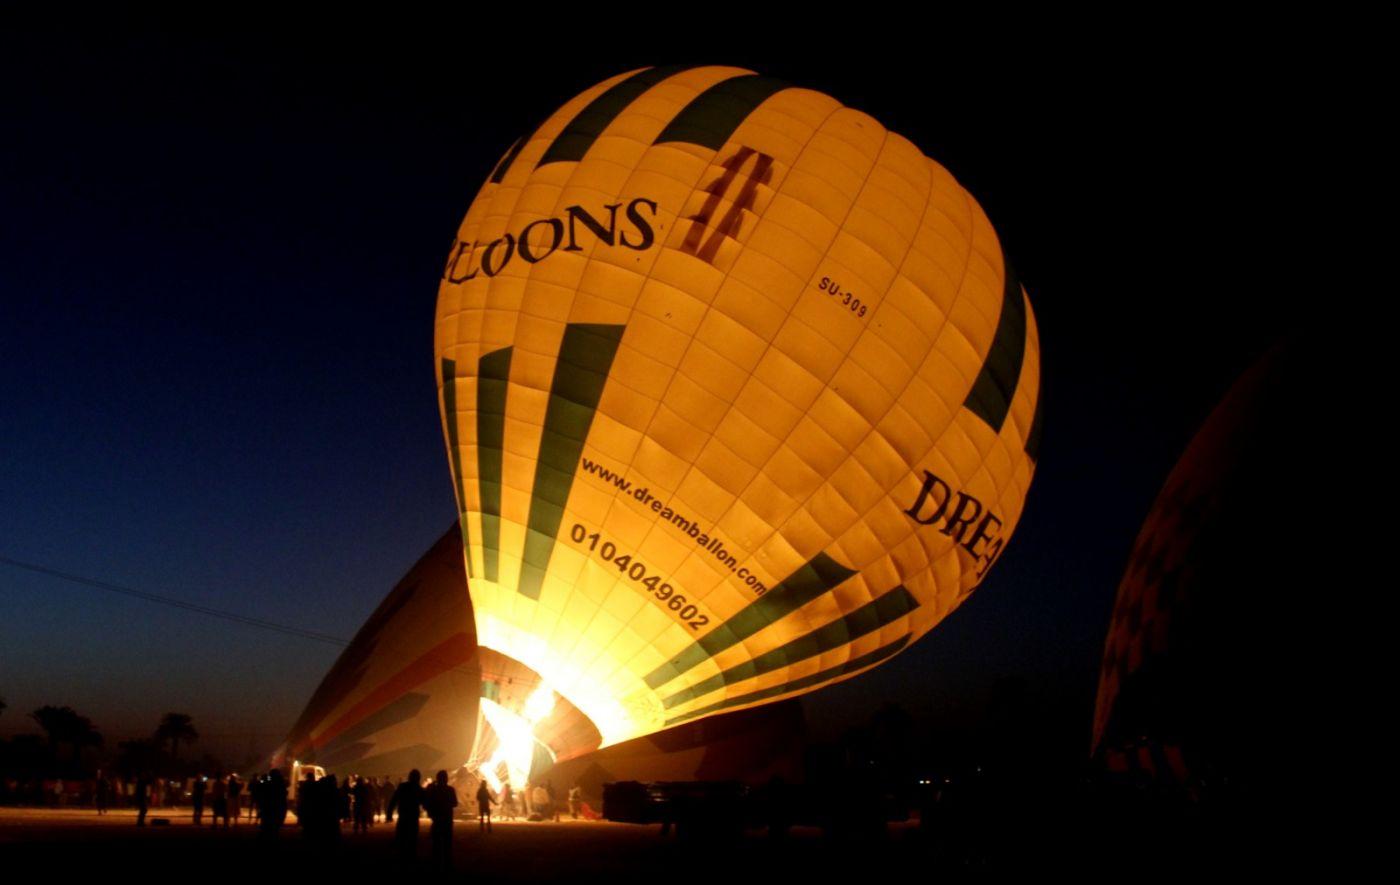 卢克索坐热气球观日出_图1-4